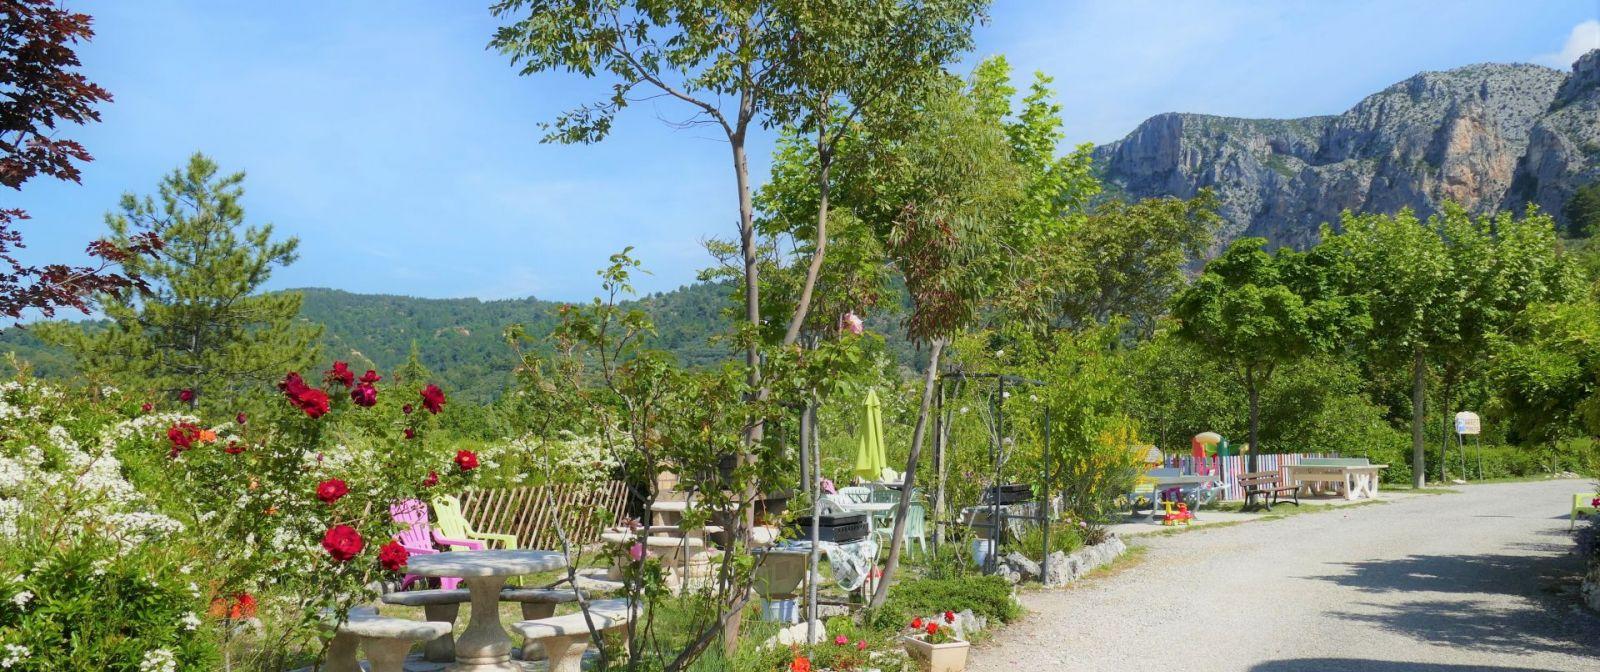 camping le vieux colombier moustiers sainte marie gorges du verdon provence11